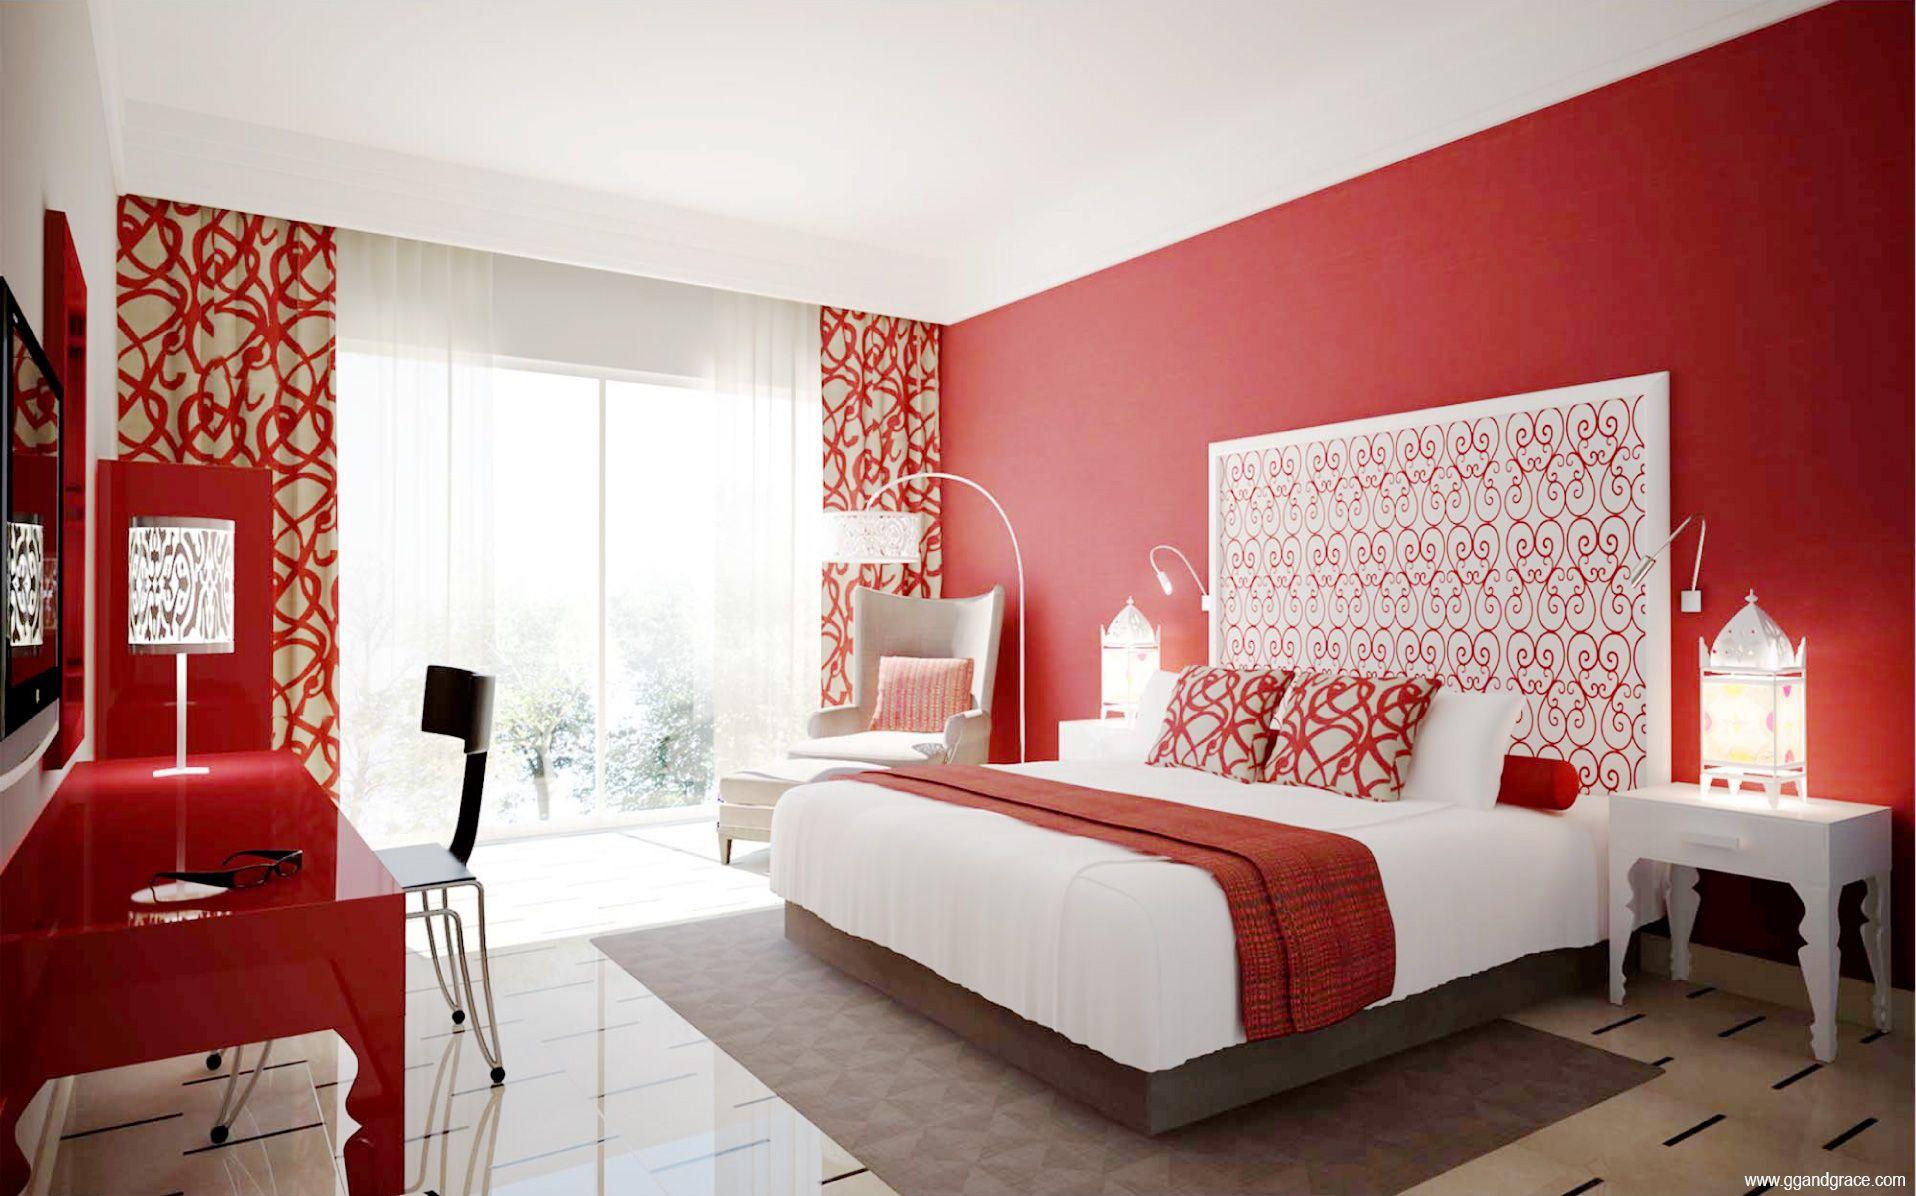 الوان مودرن دهانات غرف النوم للعرائس باللون الأحمر